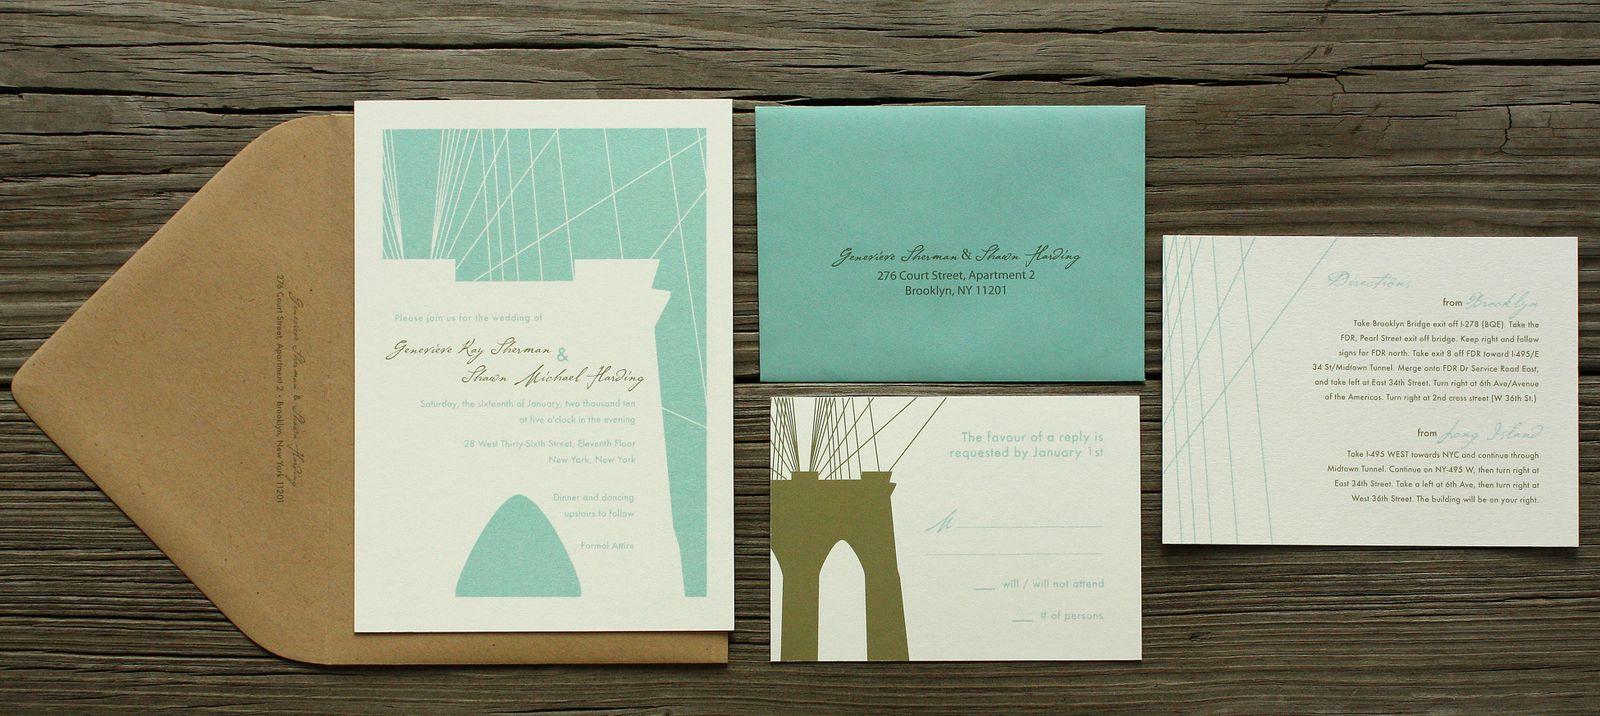 Brooklyn Bride Wedding Invitations